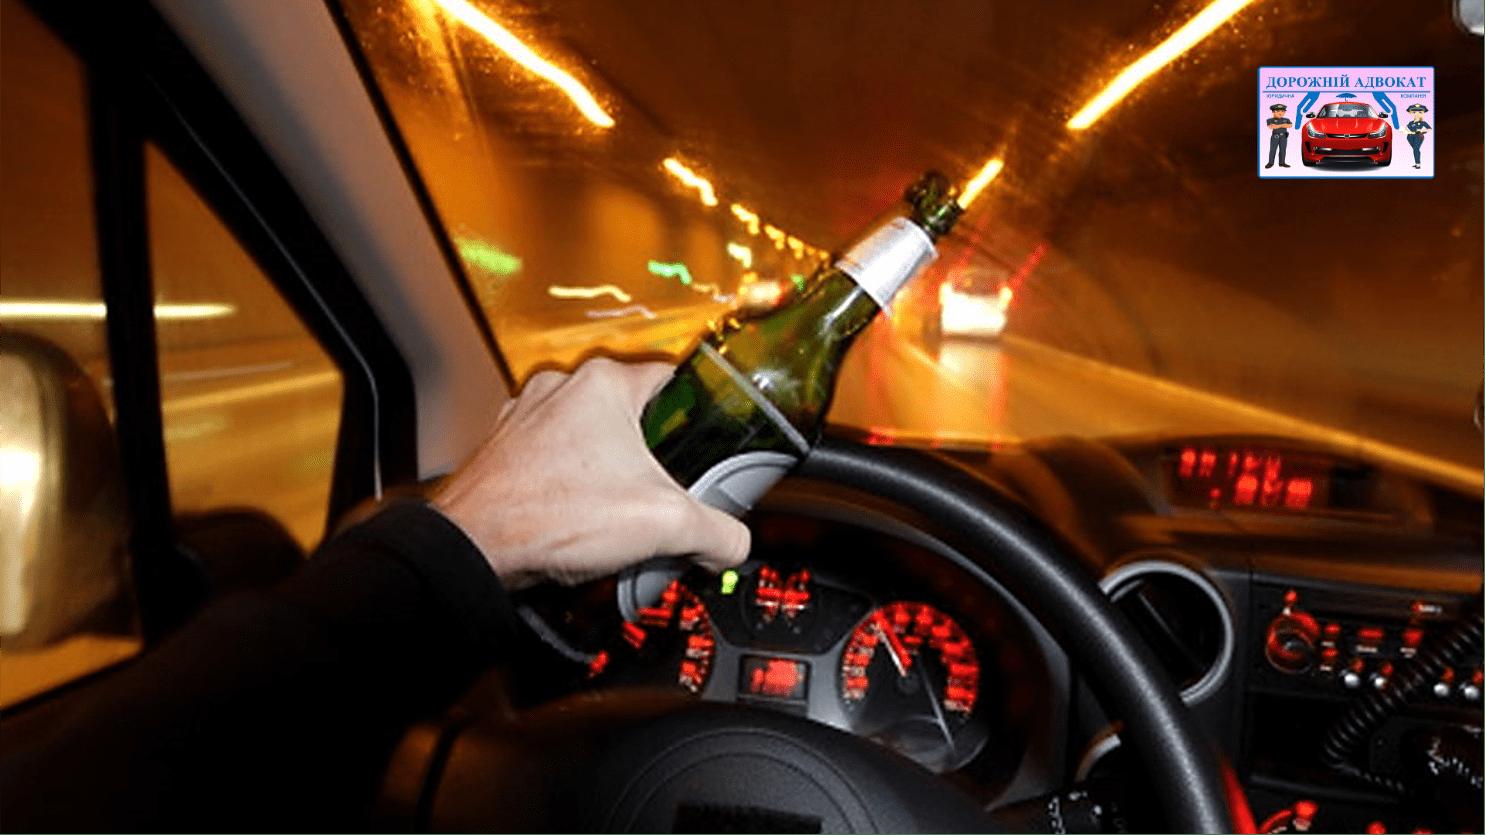 штраф керування в стані алкогольного сп'яніння інша людина